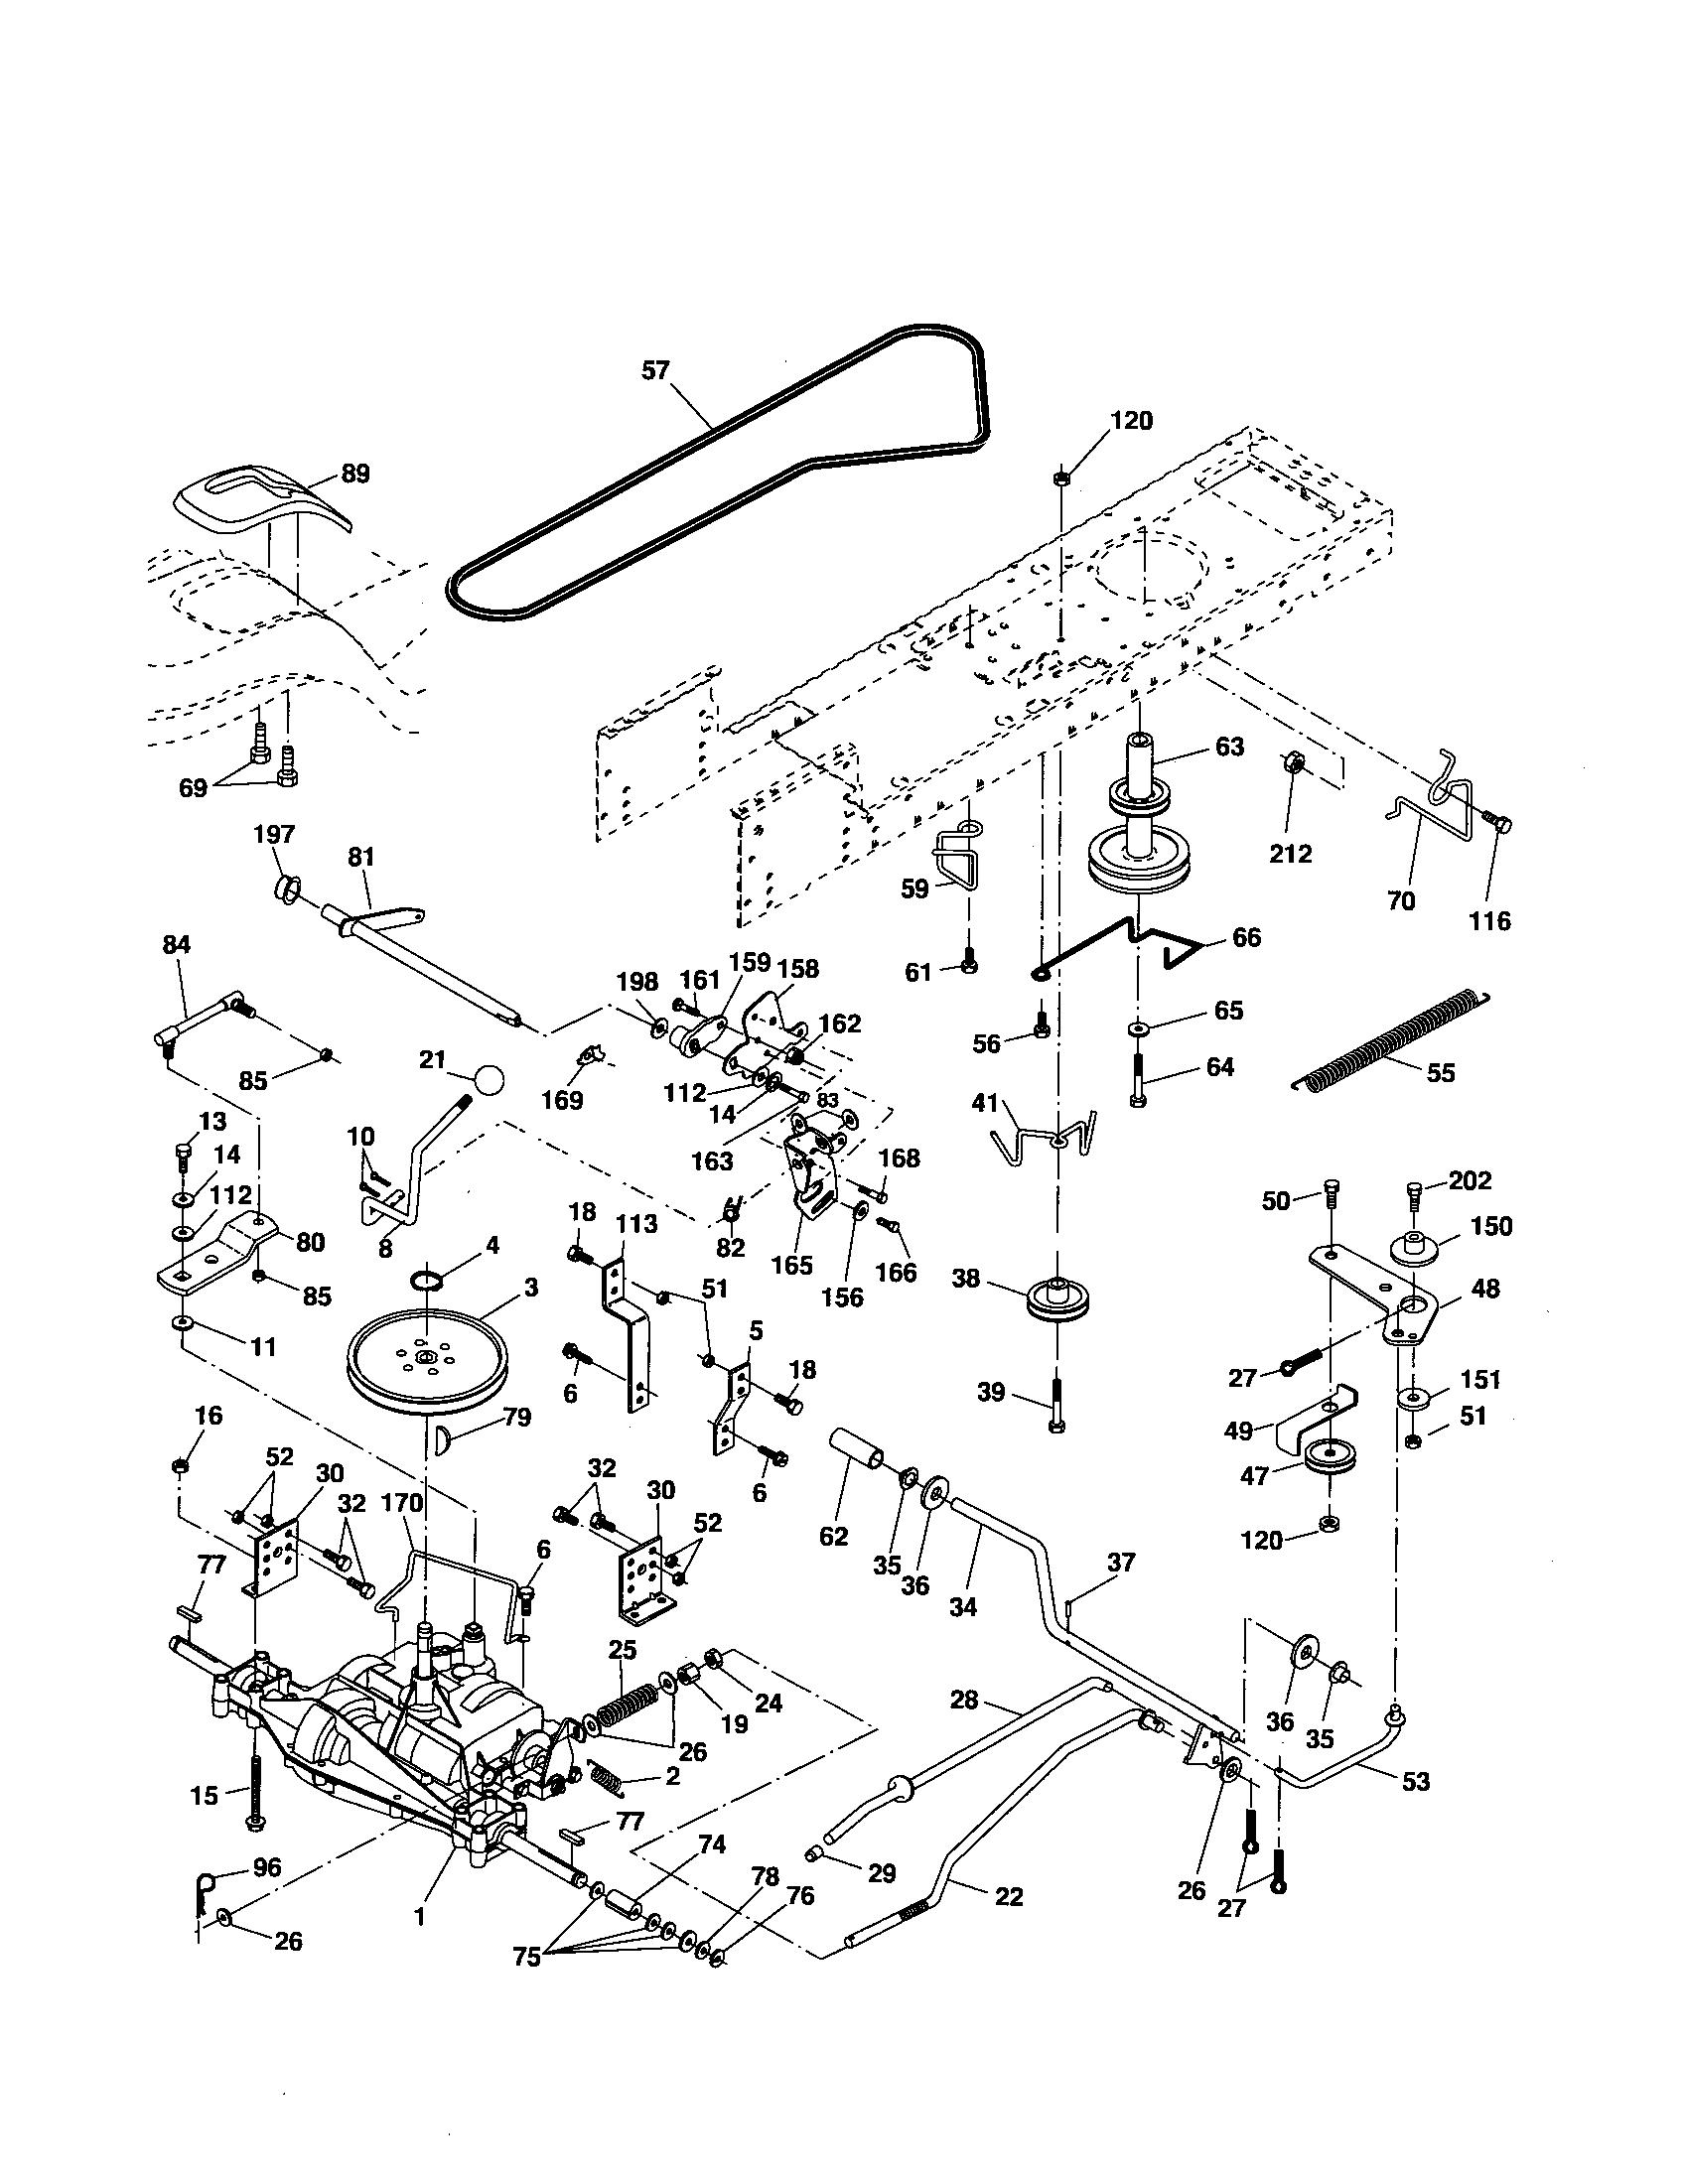 ST_5793] Wiring Diagram For Poulan Mower Free DiagramDness Tixat Epsy Mepta Mohammedshrine Librar Wiring 101